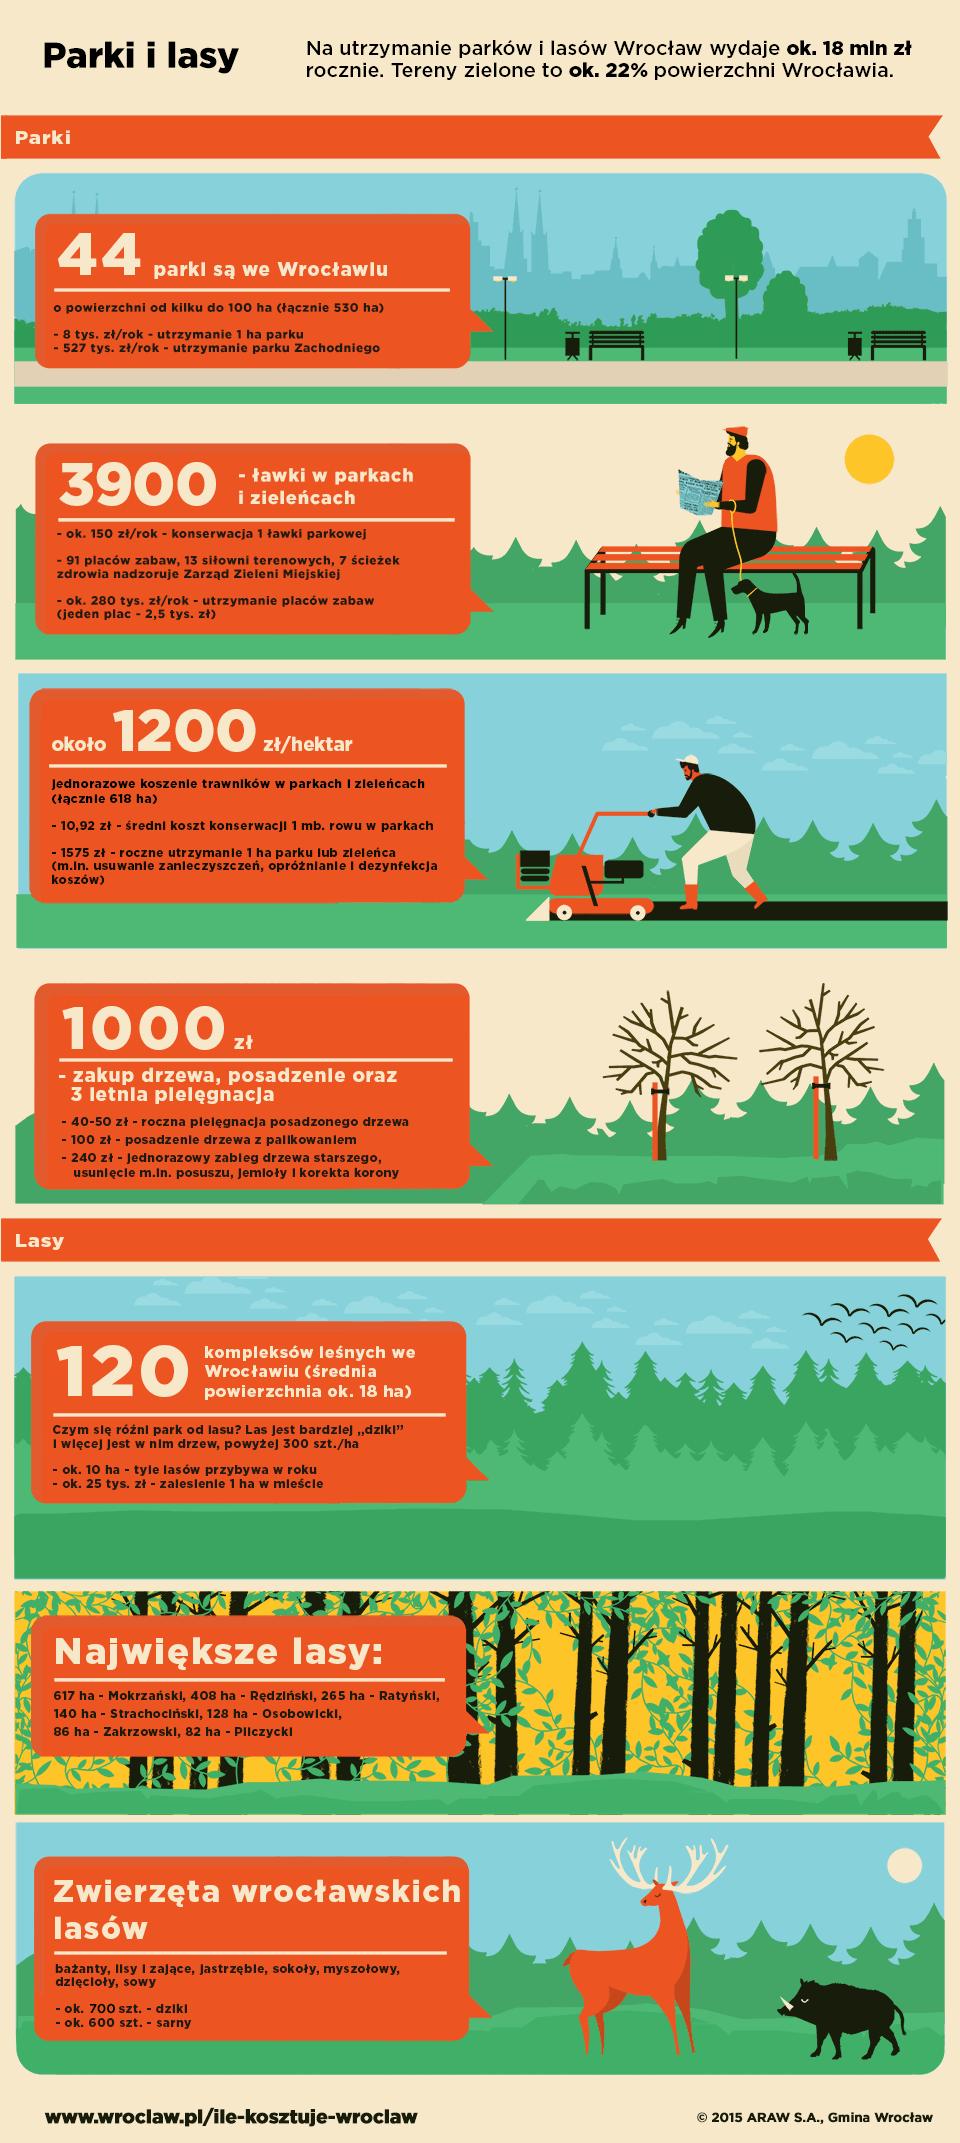 Na utrzymanie parków i lasów miasto Wrocław wydaje ok. 18 mln zł.